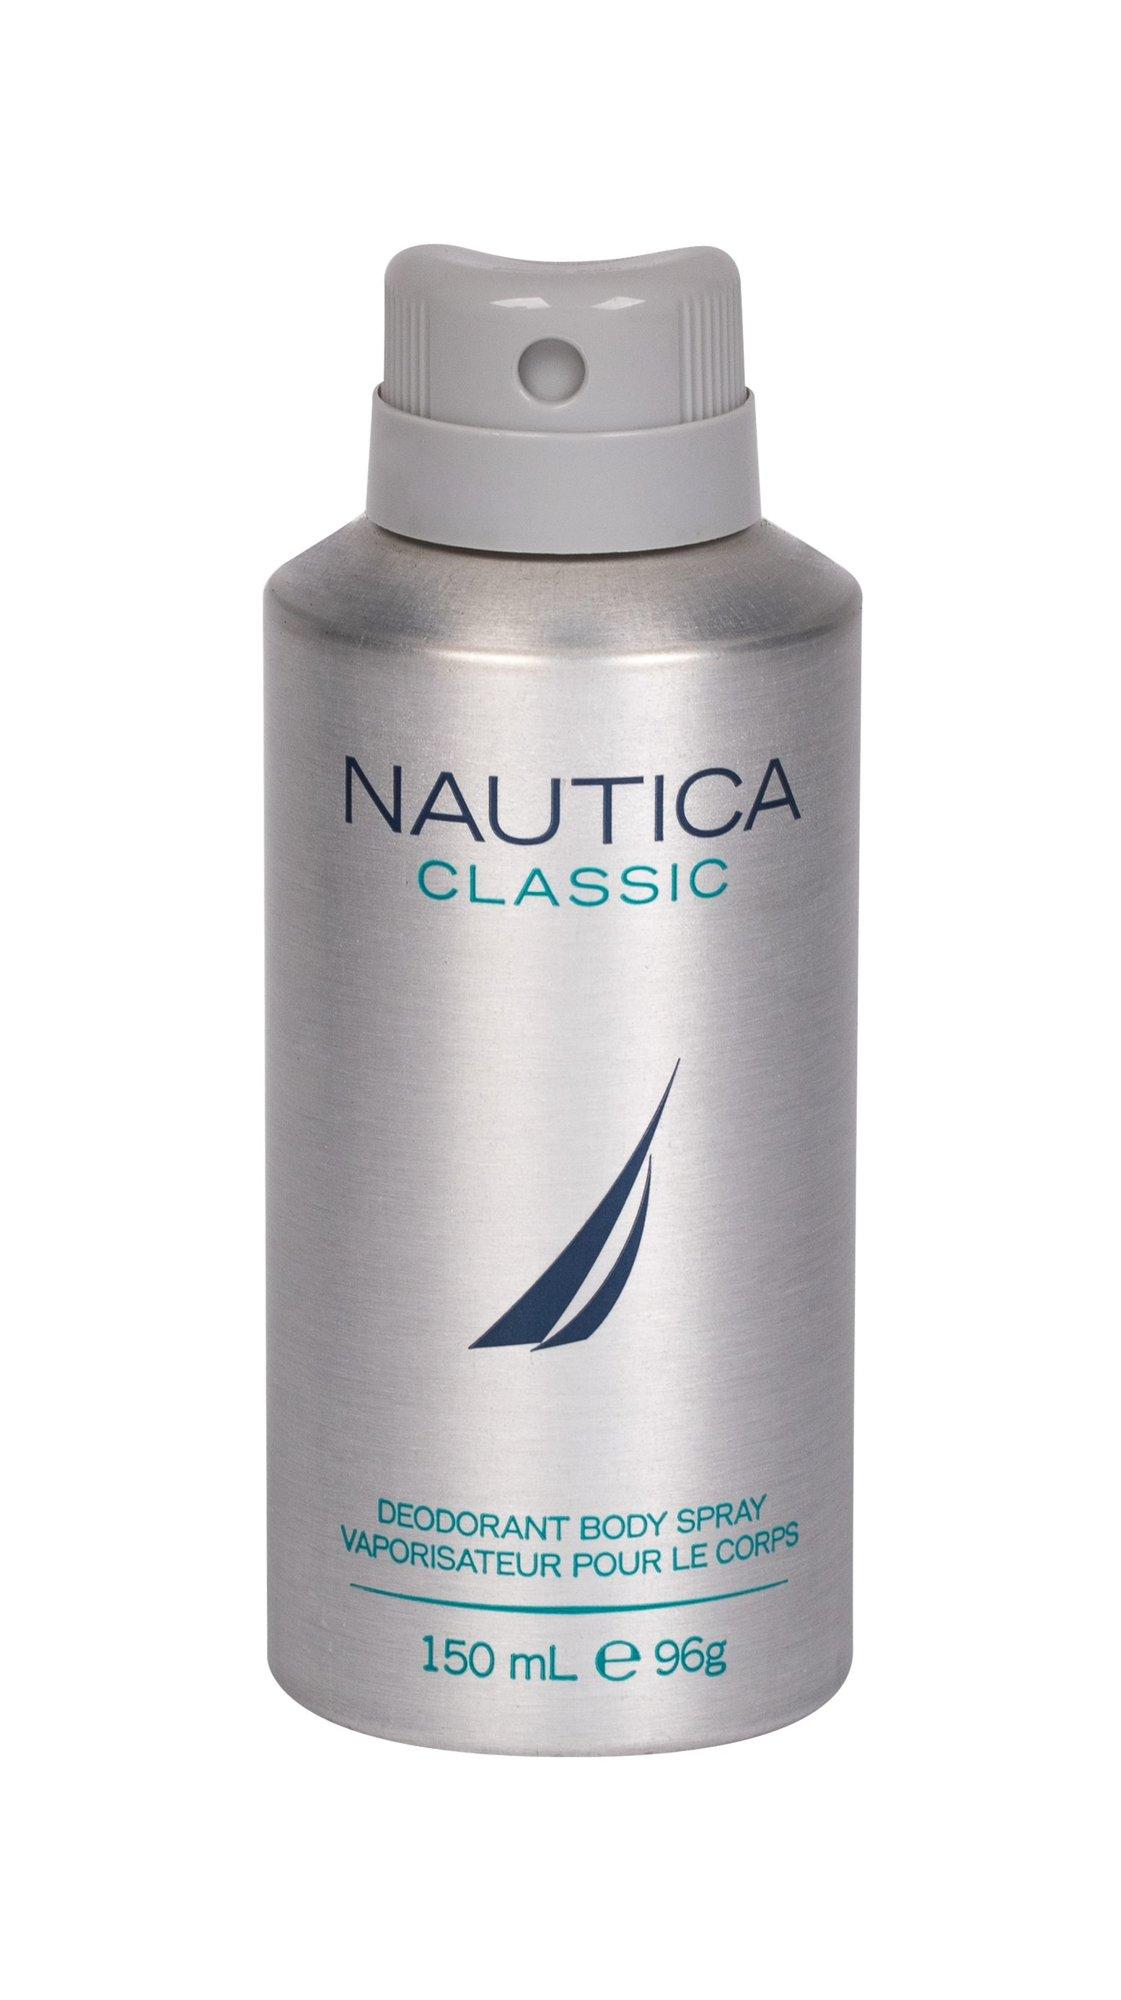 Nautica Classic Deodorant 150ml